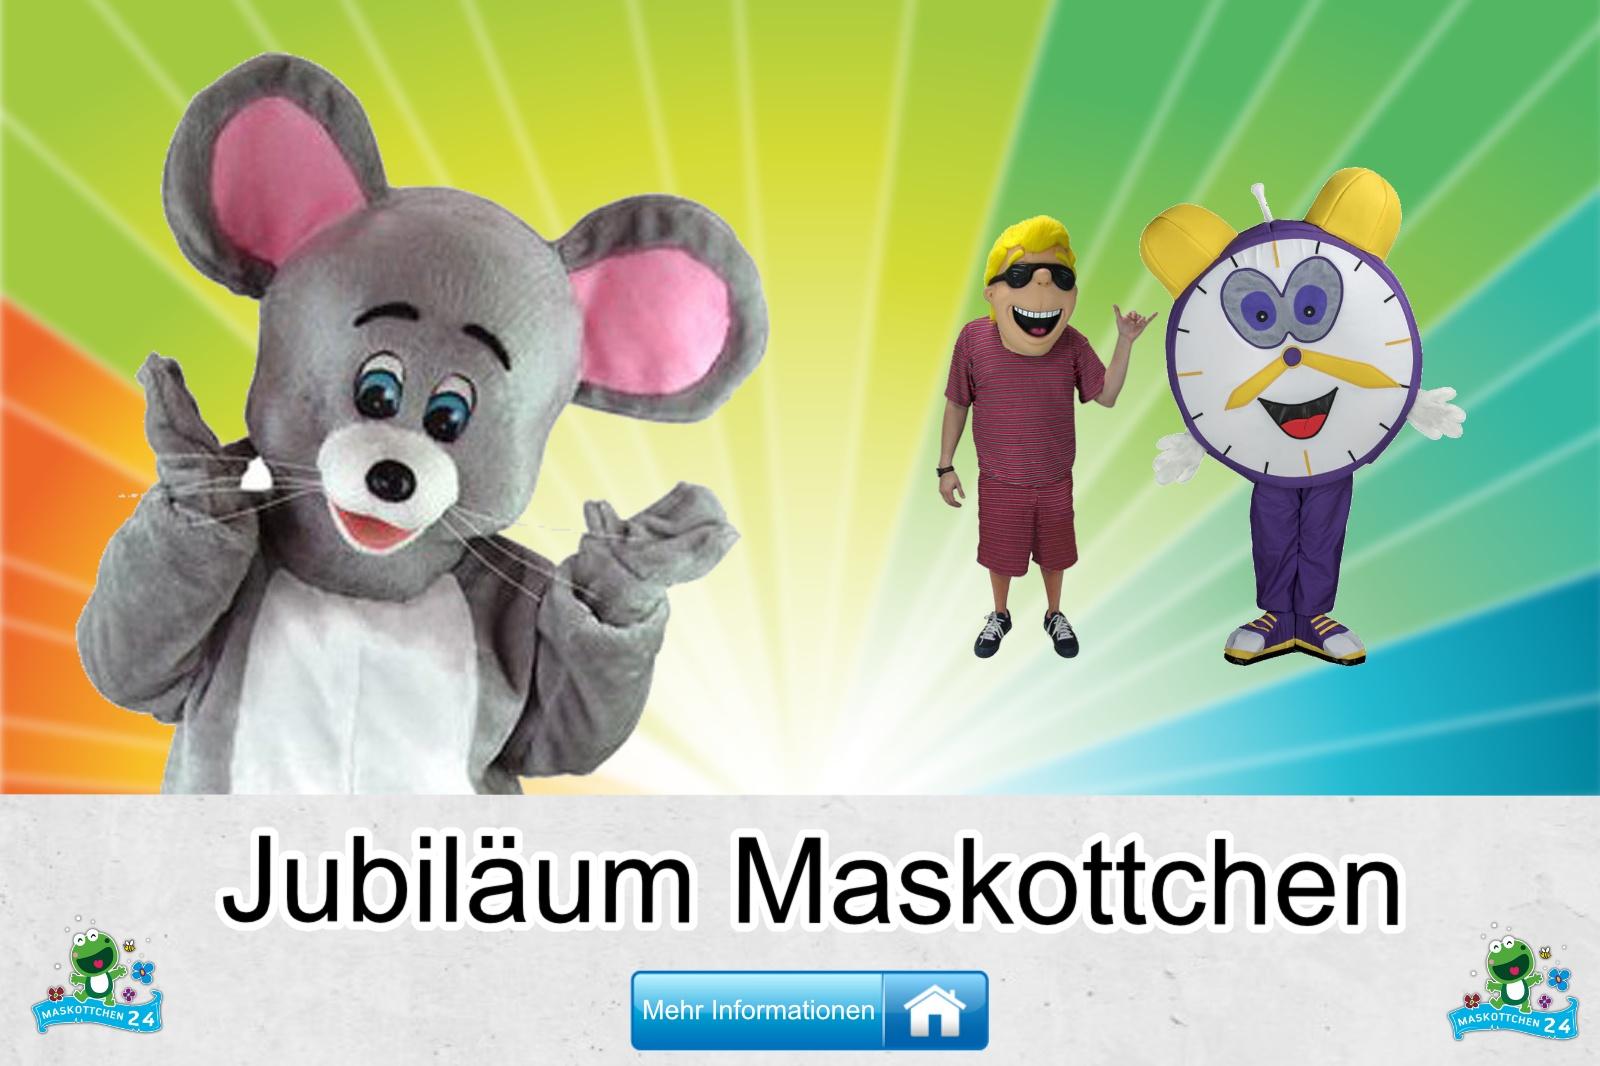 Jubiläum Maskottchen Kostüm kaufen, günstige Produktion / Herstellung